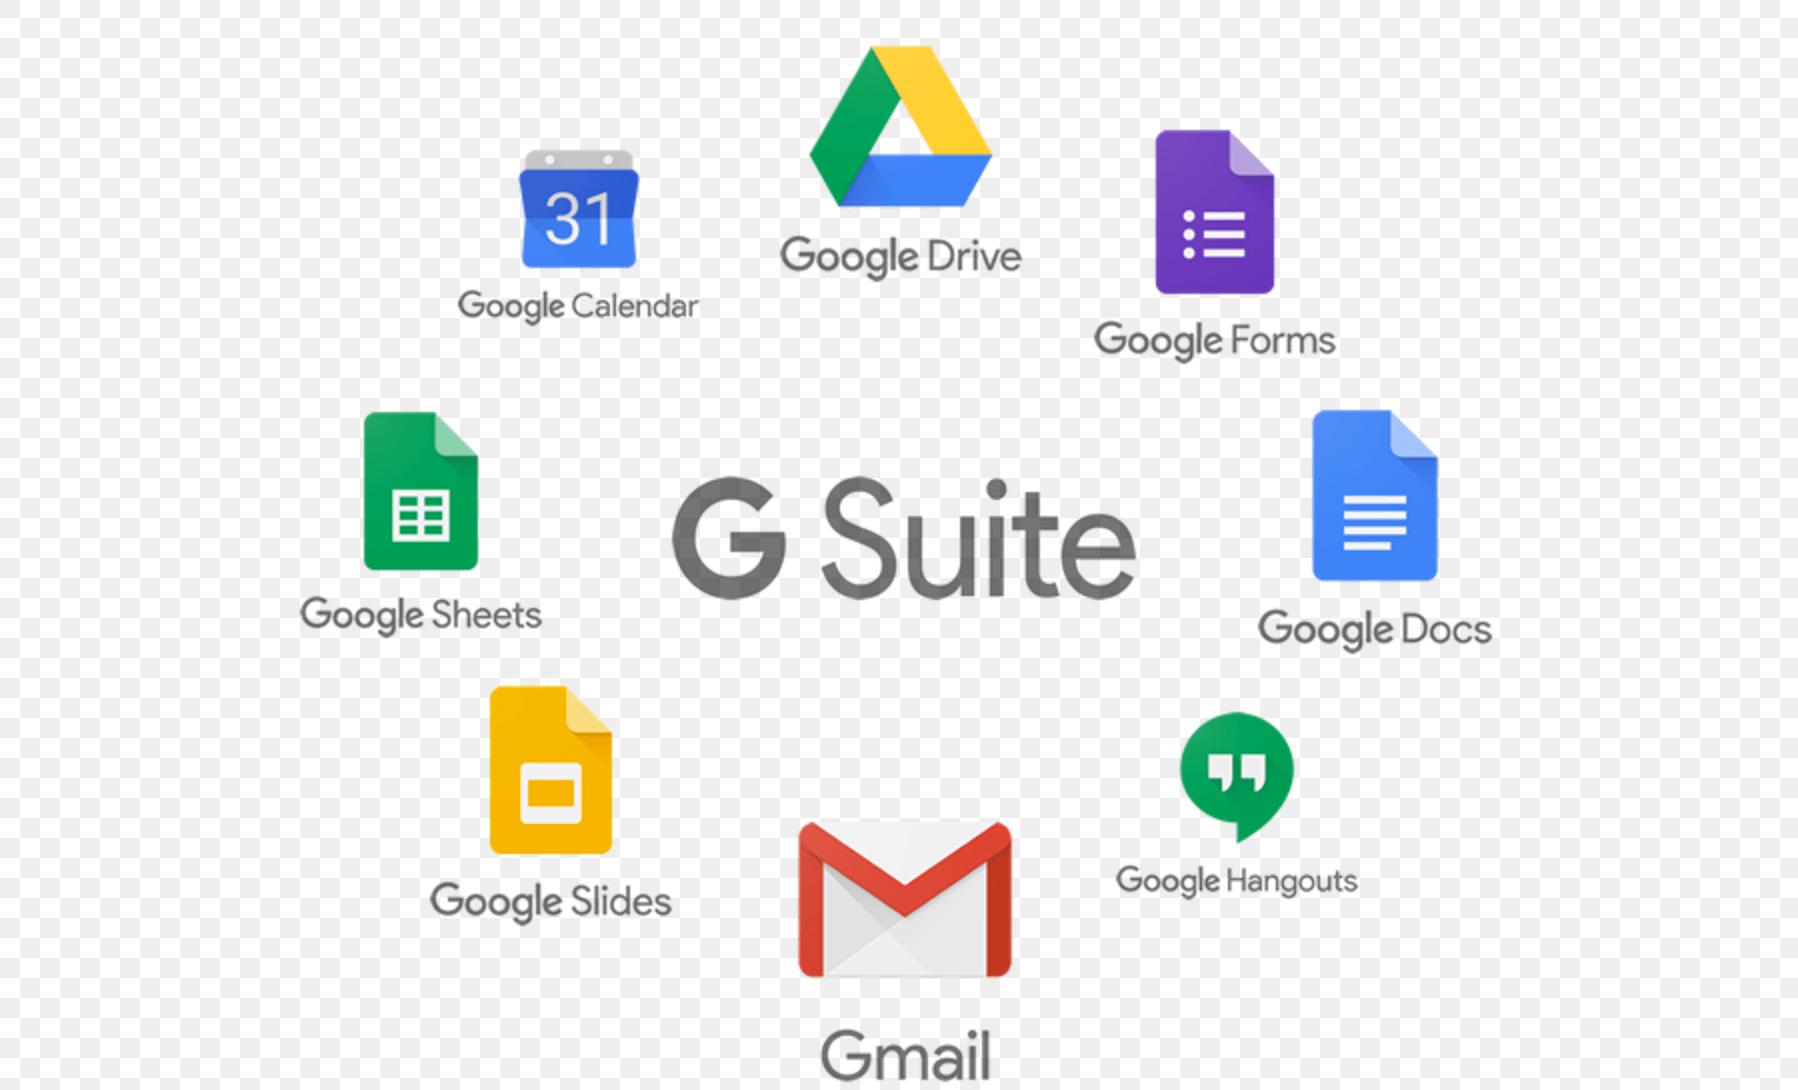 G-Suite008